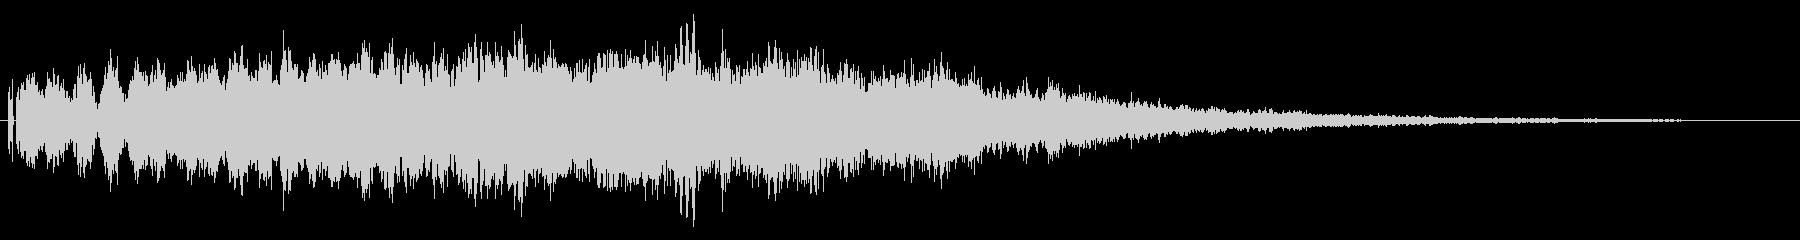 不気味なカットインや場面転換の効果音02の未再生の波形